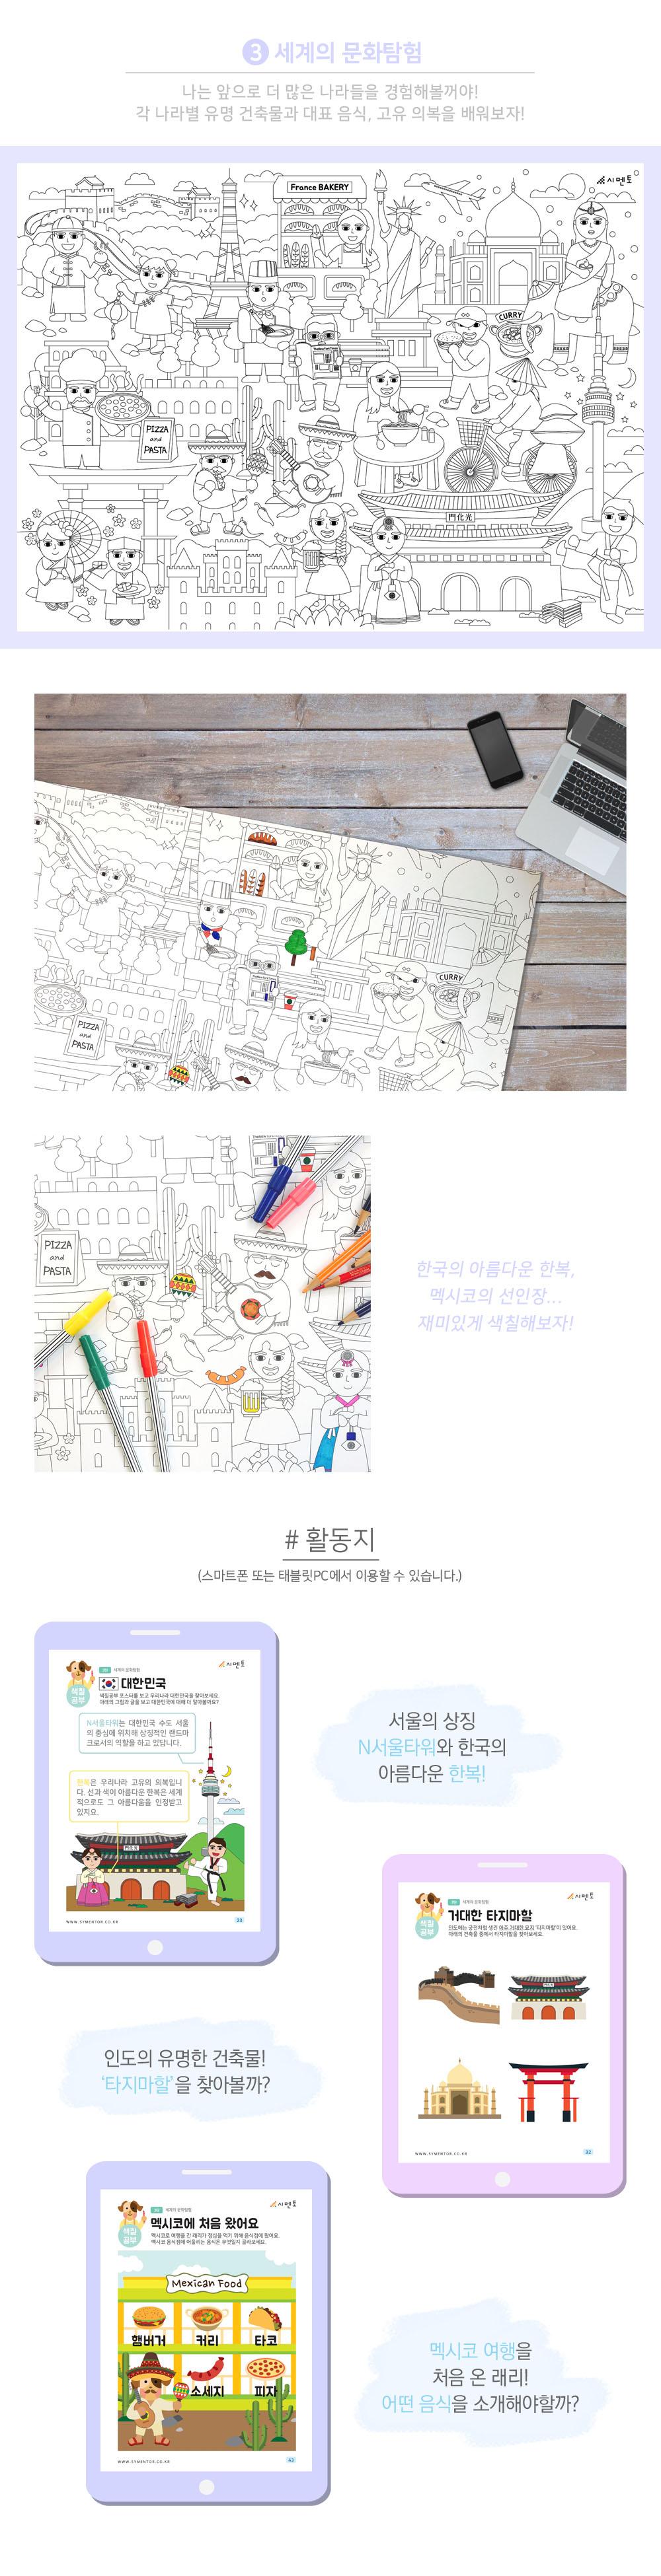 시멘토 색칠공부 포스터 상세페이지 04.jpg